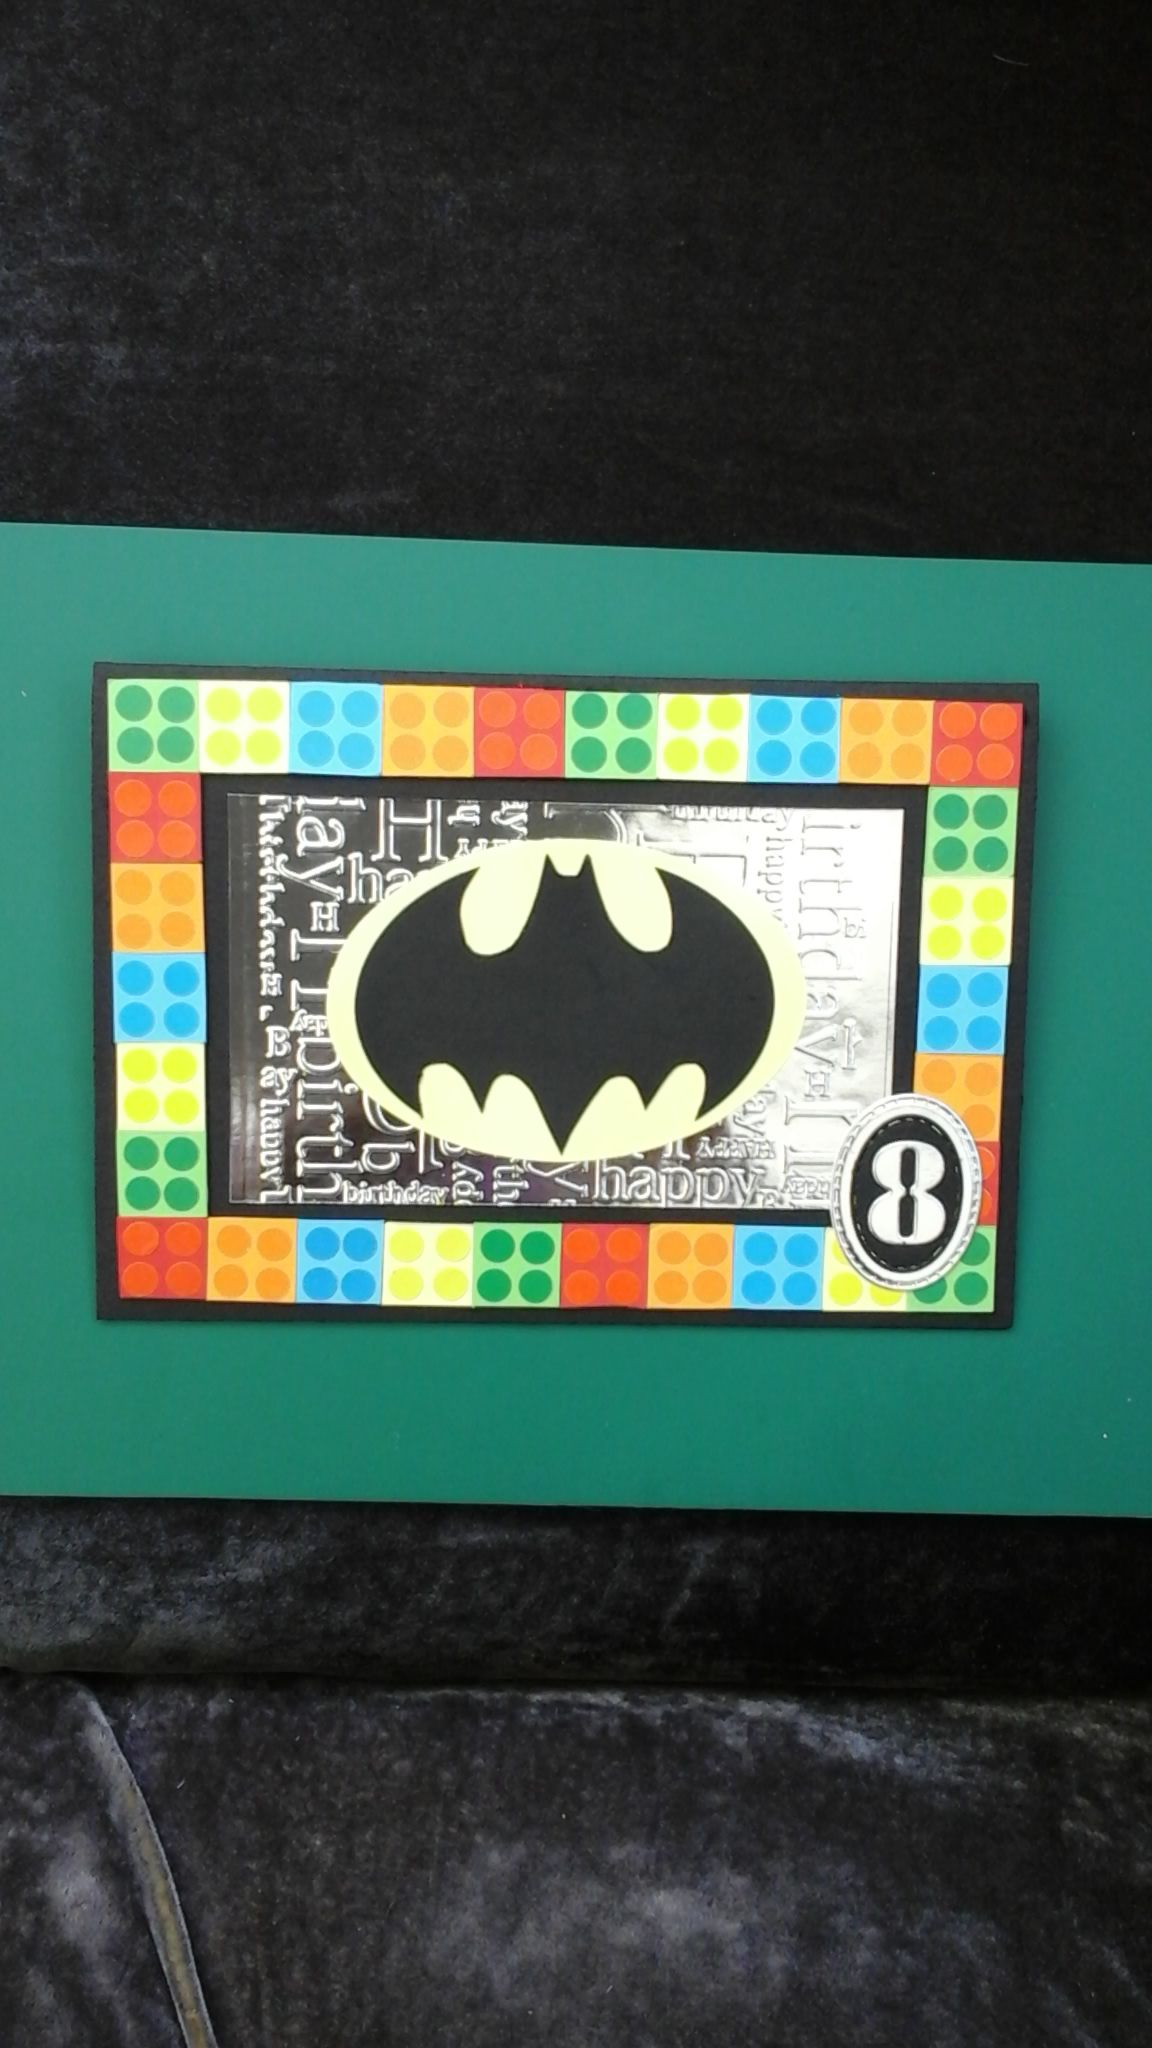 Lego Batman Birthday Card For 8 Year Old Boy